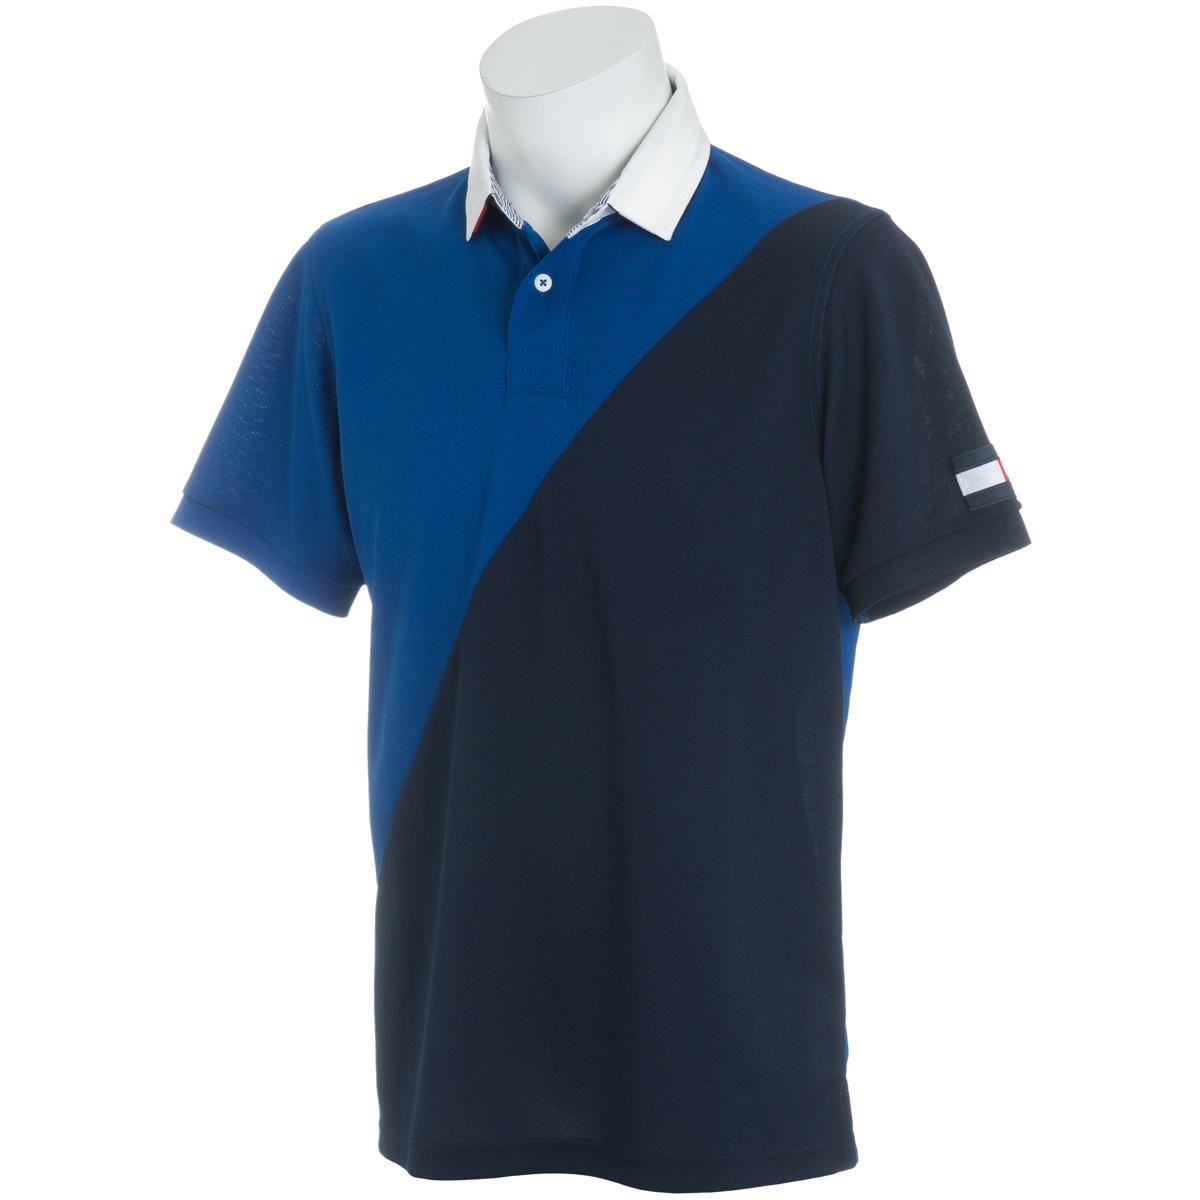 NAUTICAL BIAS 半袖ポロシャツ